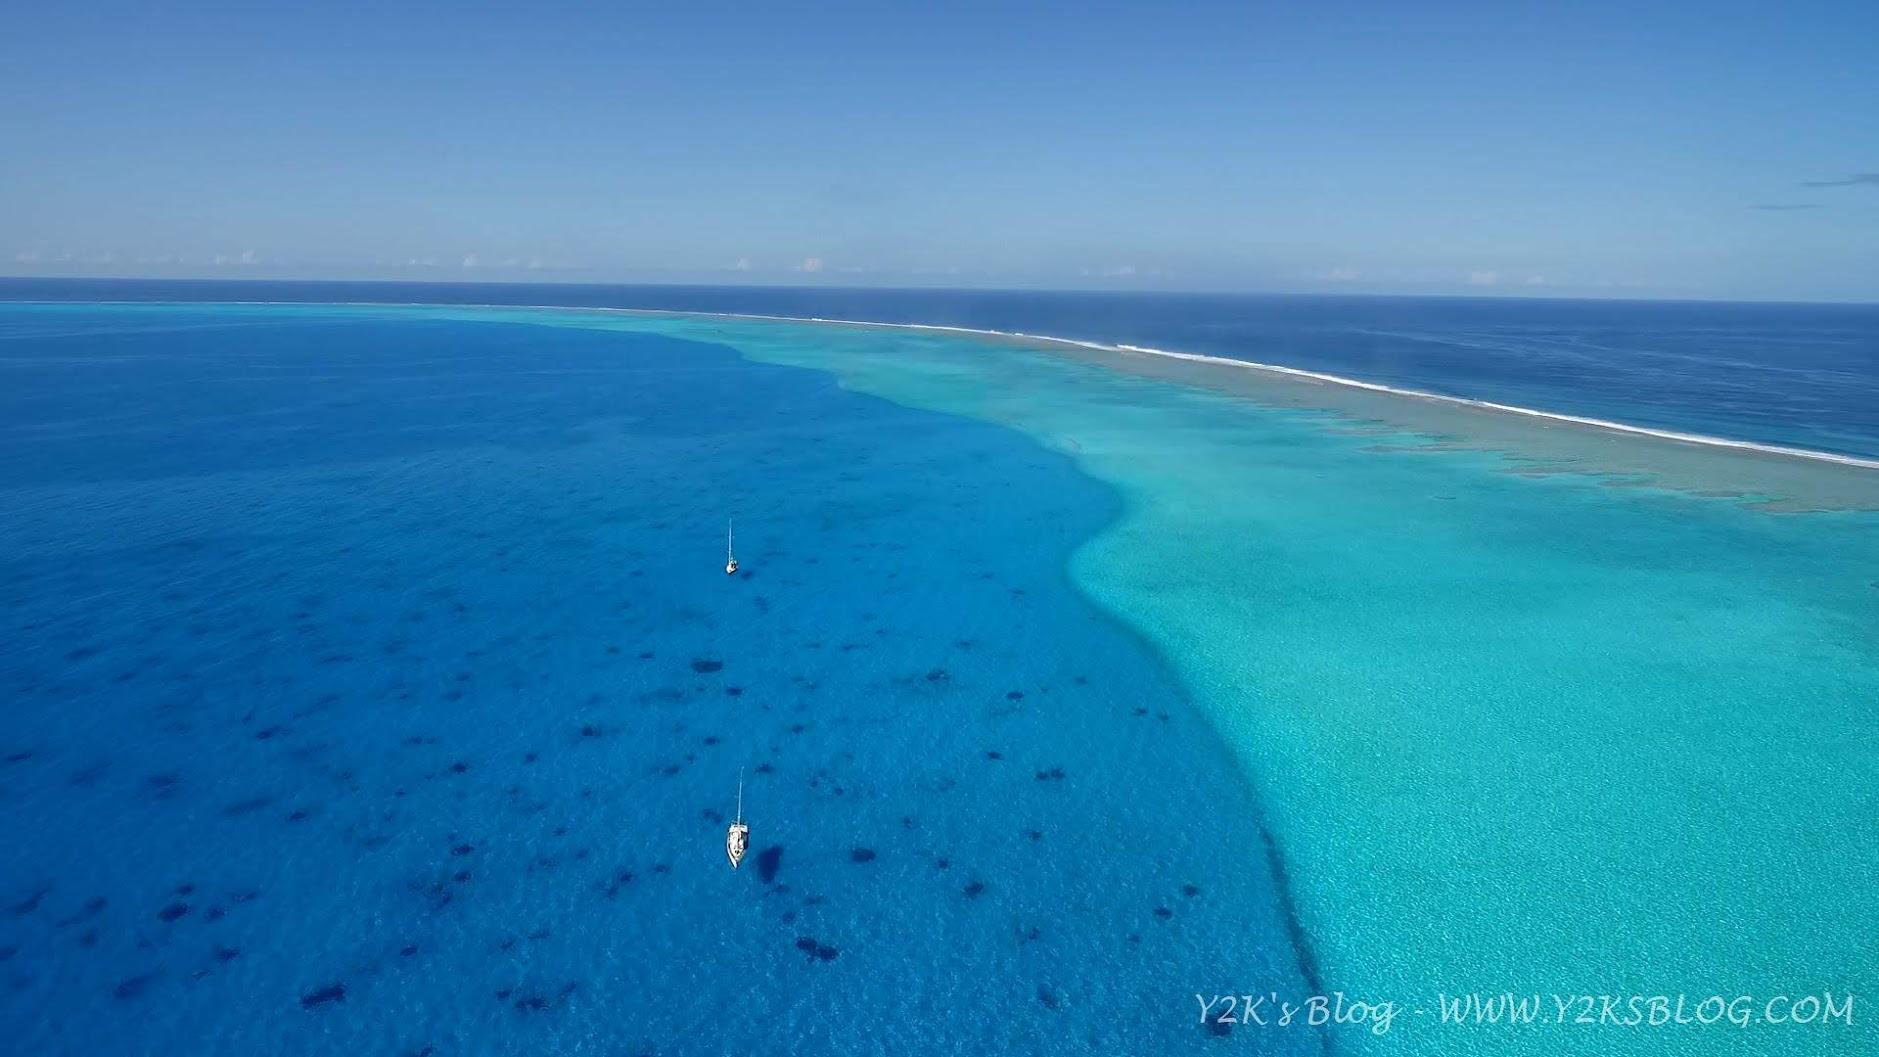 """Dal drone: """"Y2K"""" e più indietro """"Cinnabar"""" fluttuano nel nulla - Beveridge Reef"""